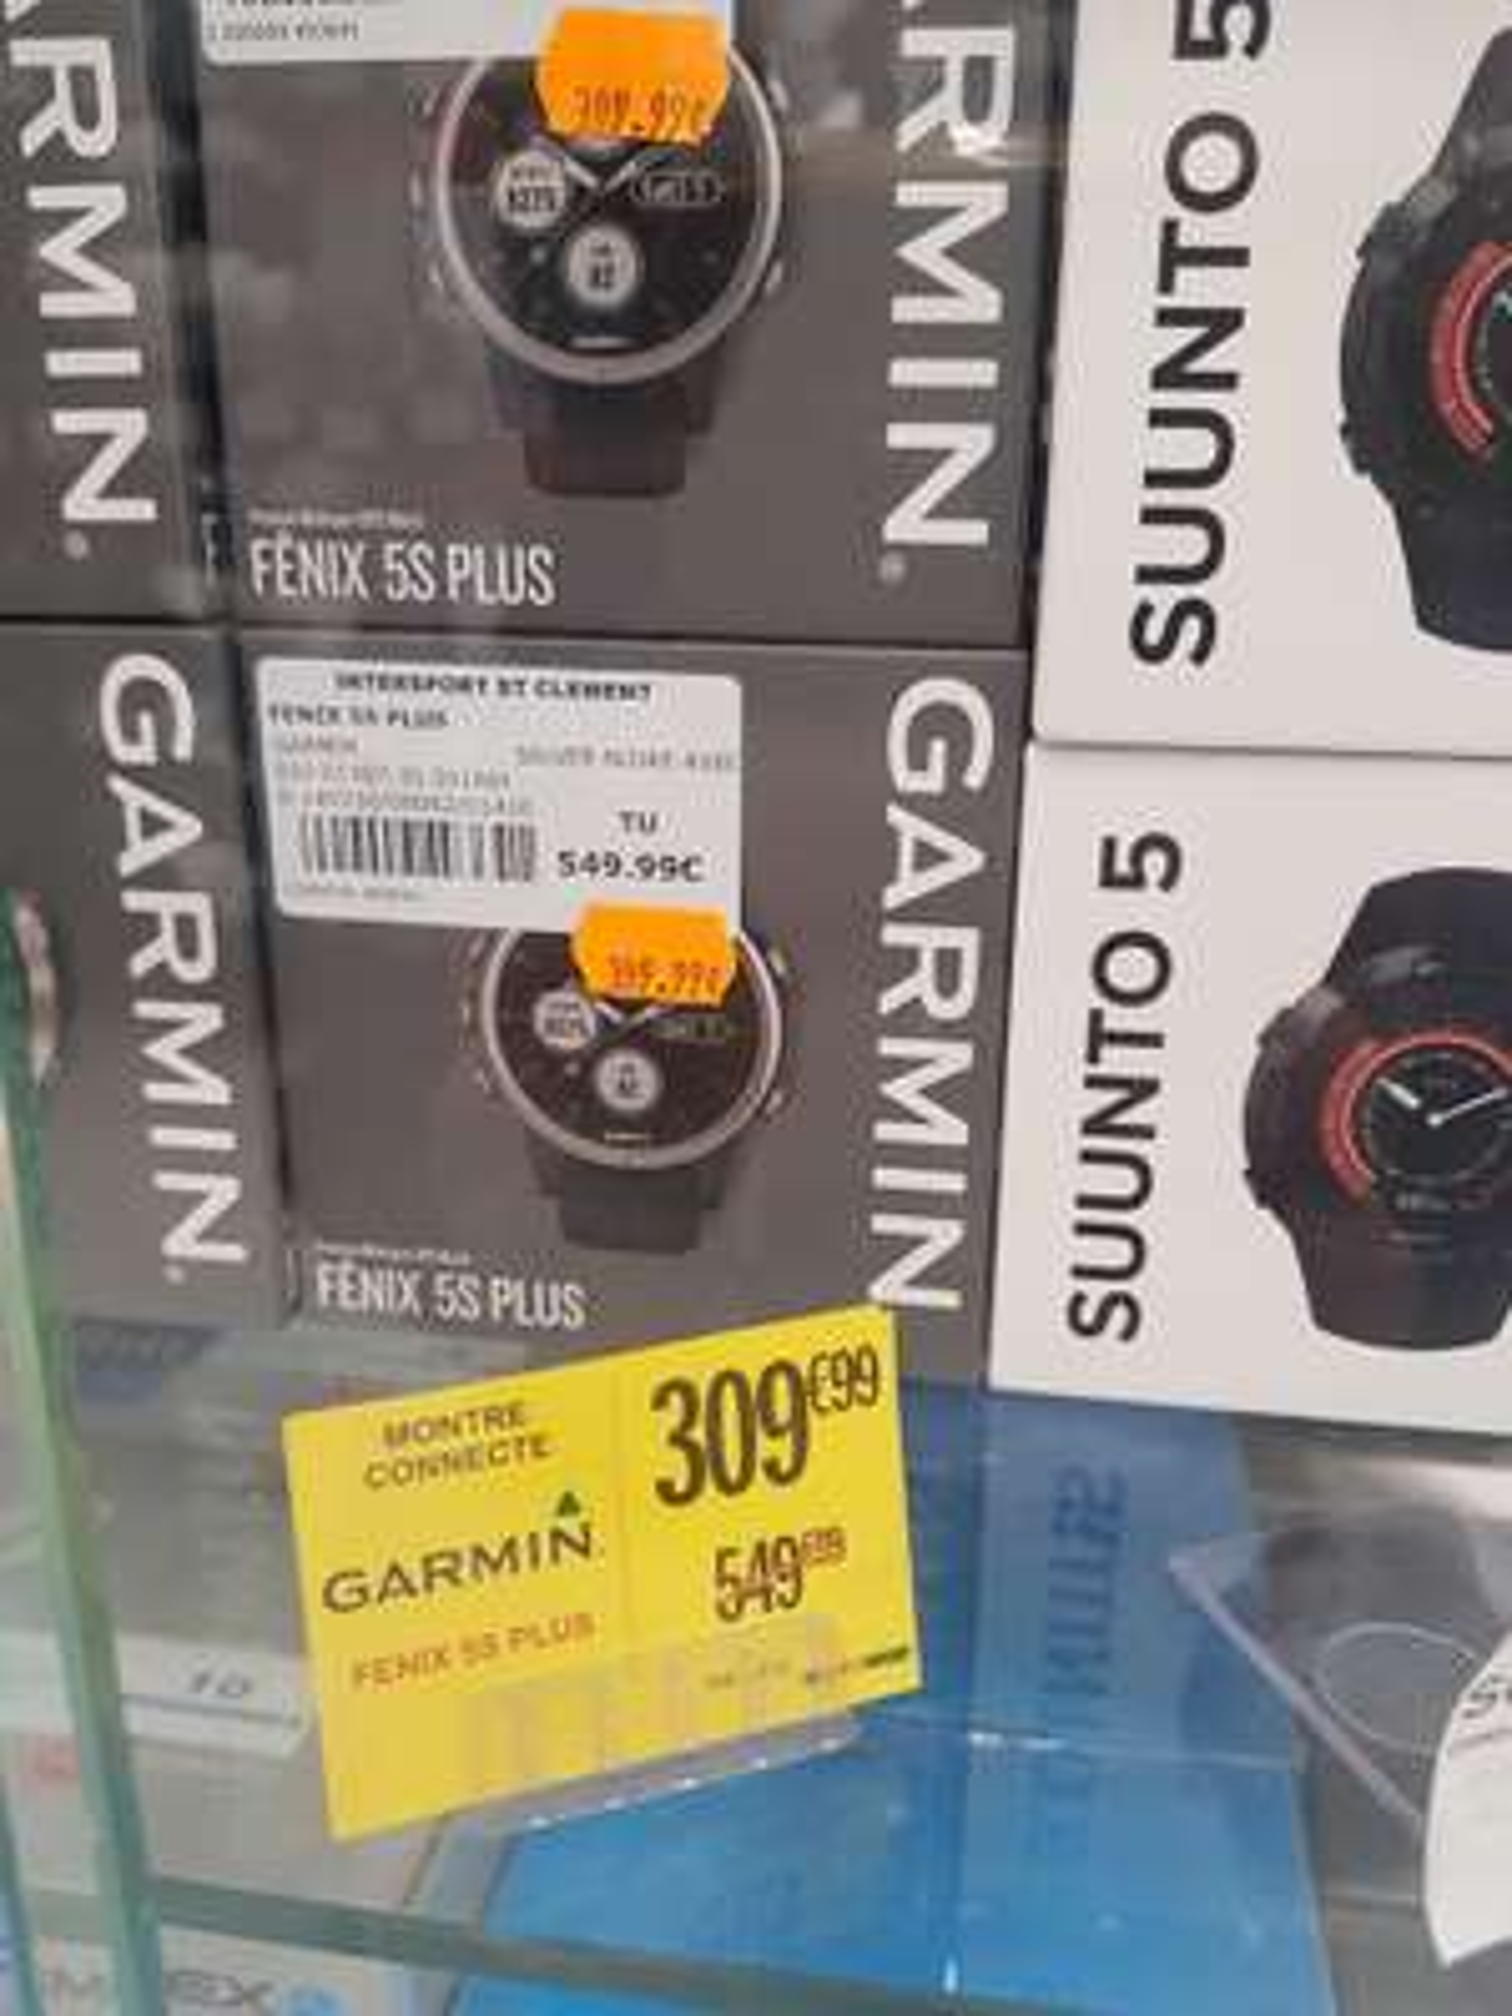 Montre connectée GPS Garmin Fenix 5S Plus - Montpellier (34)